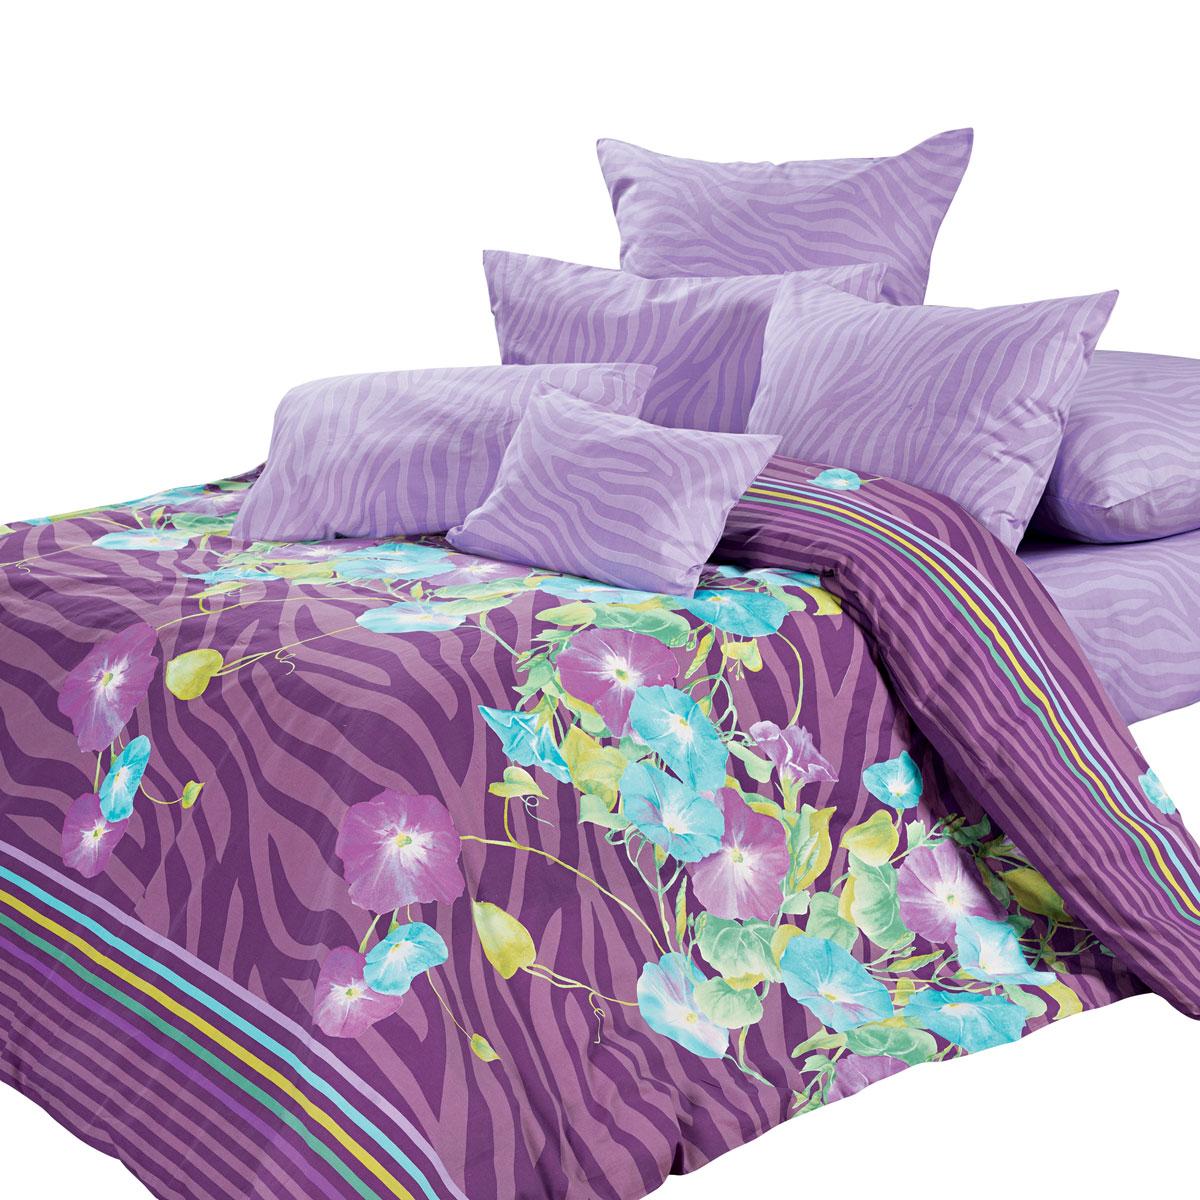 Комплект белья Унисон Летиция, евро, наволочки 70 х 70, цвет: фиолетовый. 276578276578Постельное белье торговой марки «Унисон Биоматин» - это домашний текстиль премиум класса с эксклюзивными дизайнами в разнообразных стилистических решениях. Комплекты данной серии выполнены из ткани «биоматин» - это 100% хлопок высочайшего качества, мягкий, тонкий и легкий, но при этом прочный, долговечный и очень практичный, с повышенным показателем износостойкости, обладающий грязе- и пылеотталкивающими свойствами, долго сохраняющий чистоту и свежесть постельного белья, гипоаллергенный.